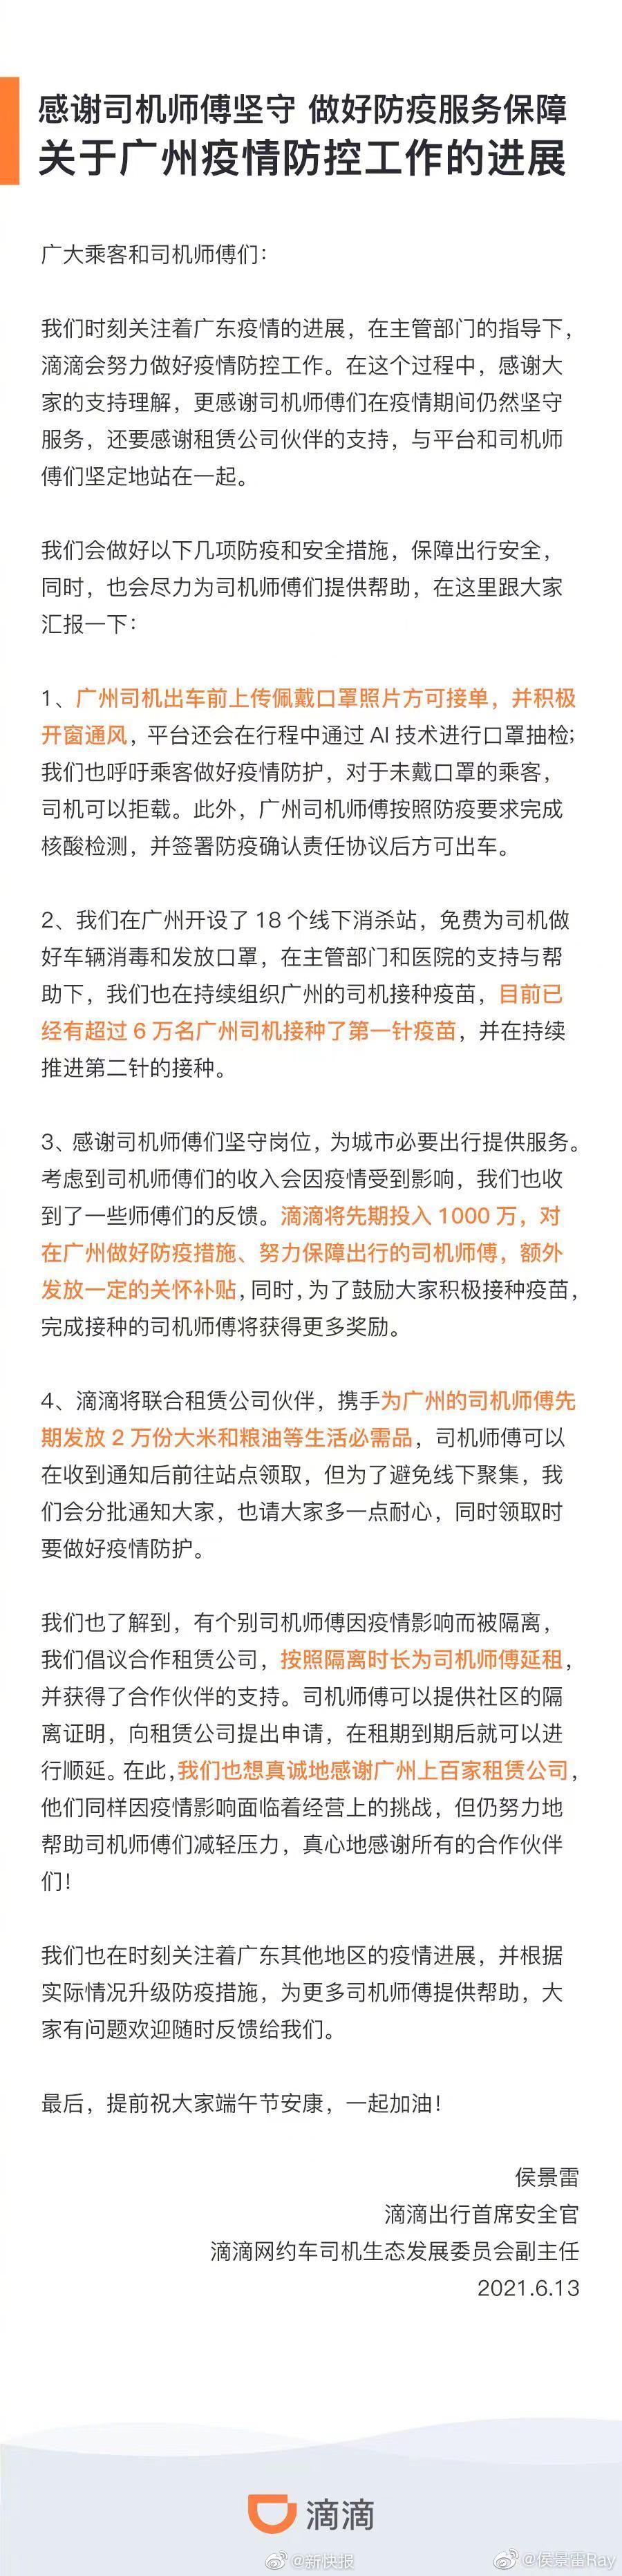 滴滴向广州司机先期发放1000万关怀补贴